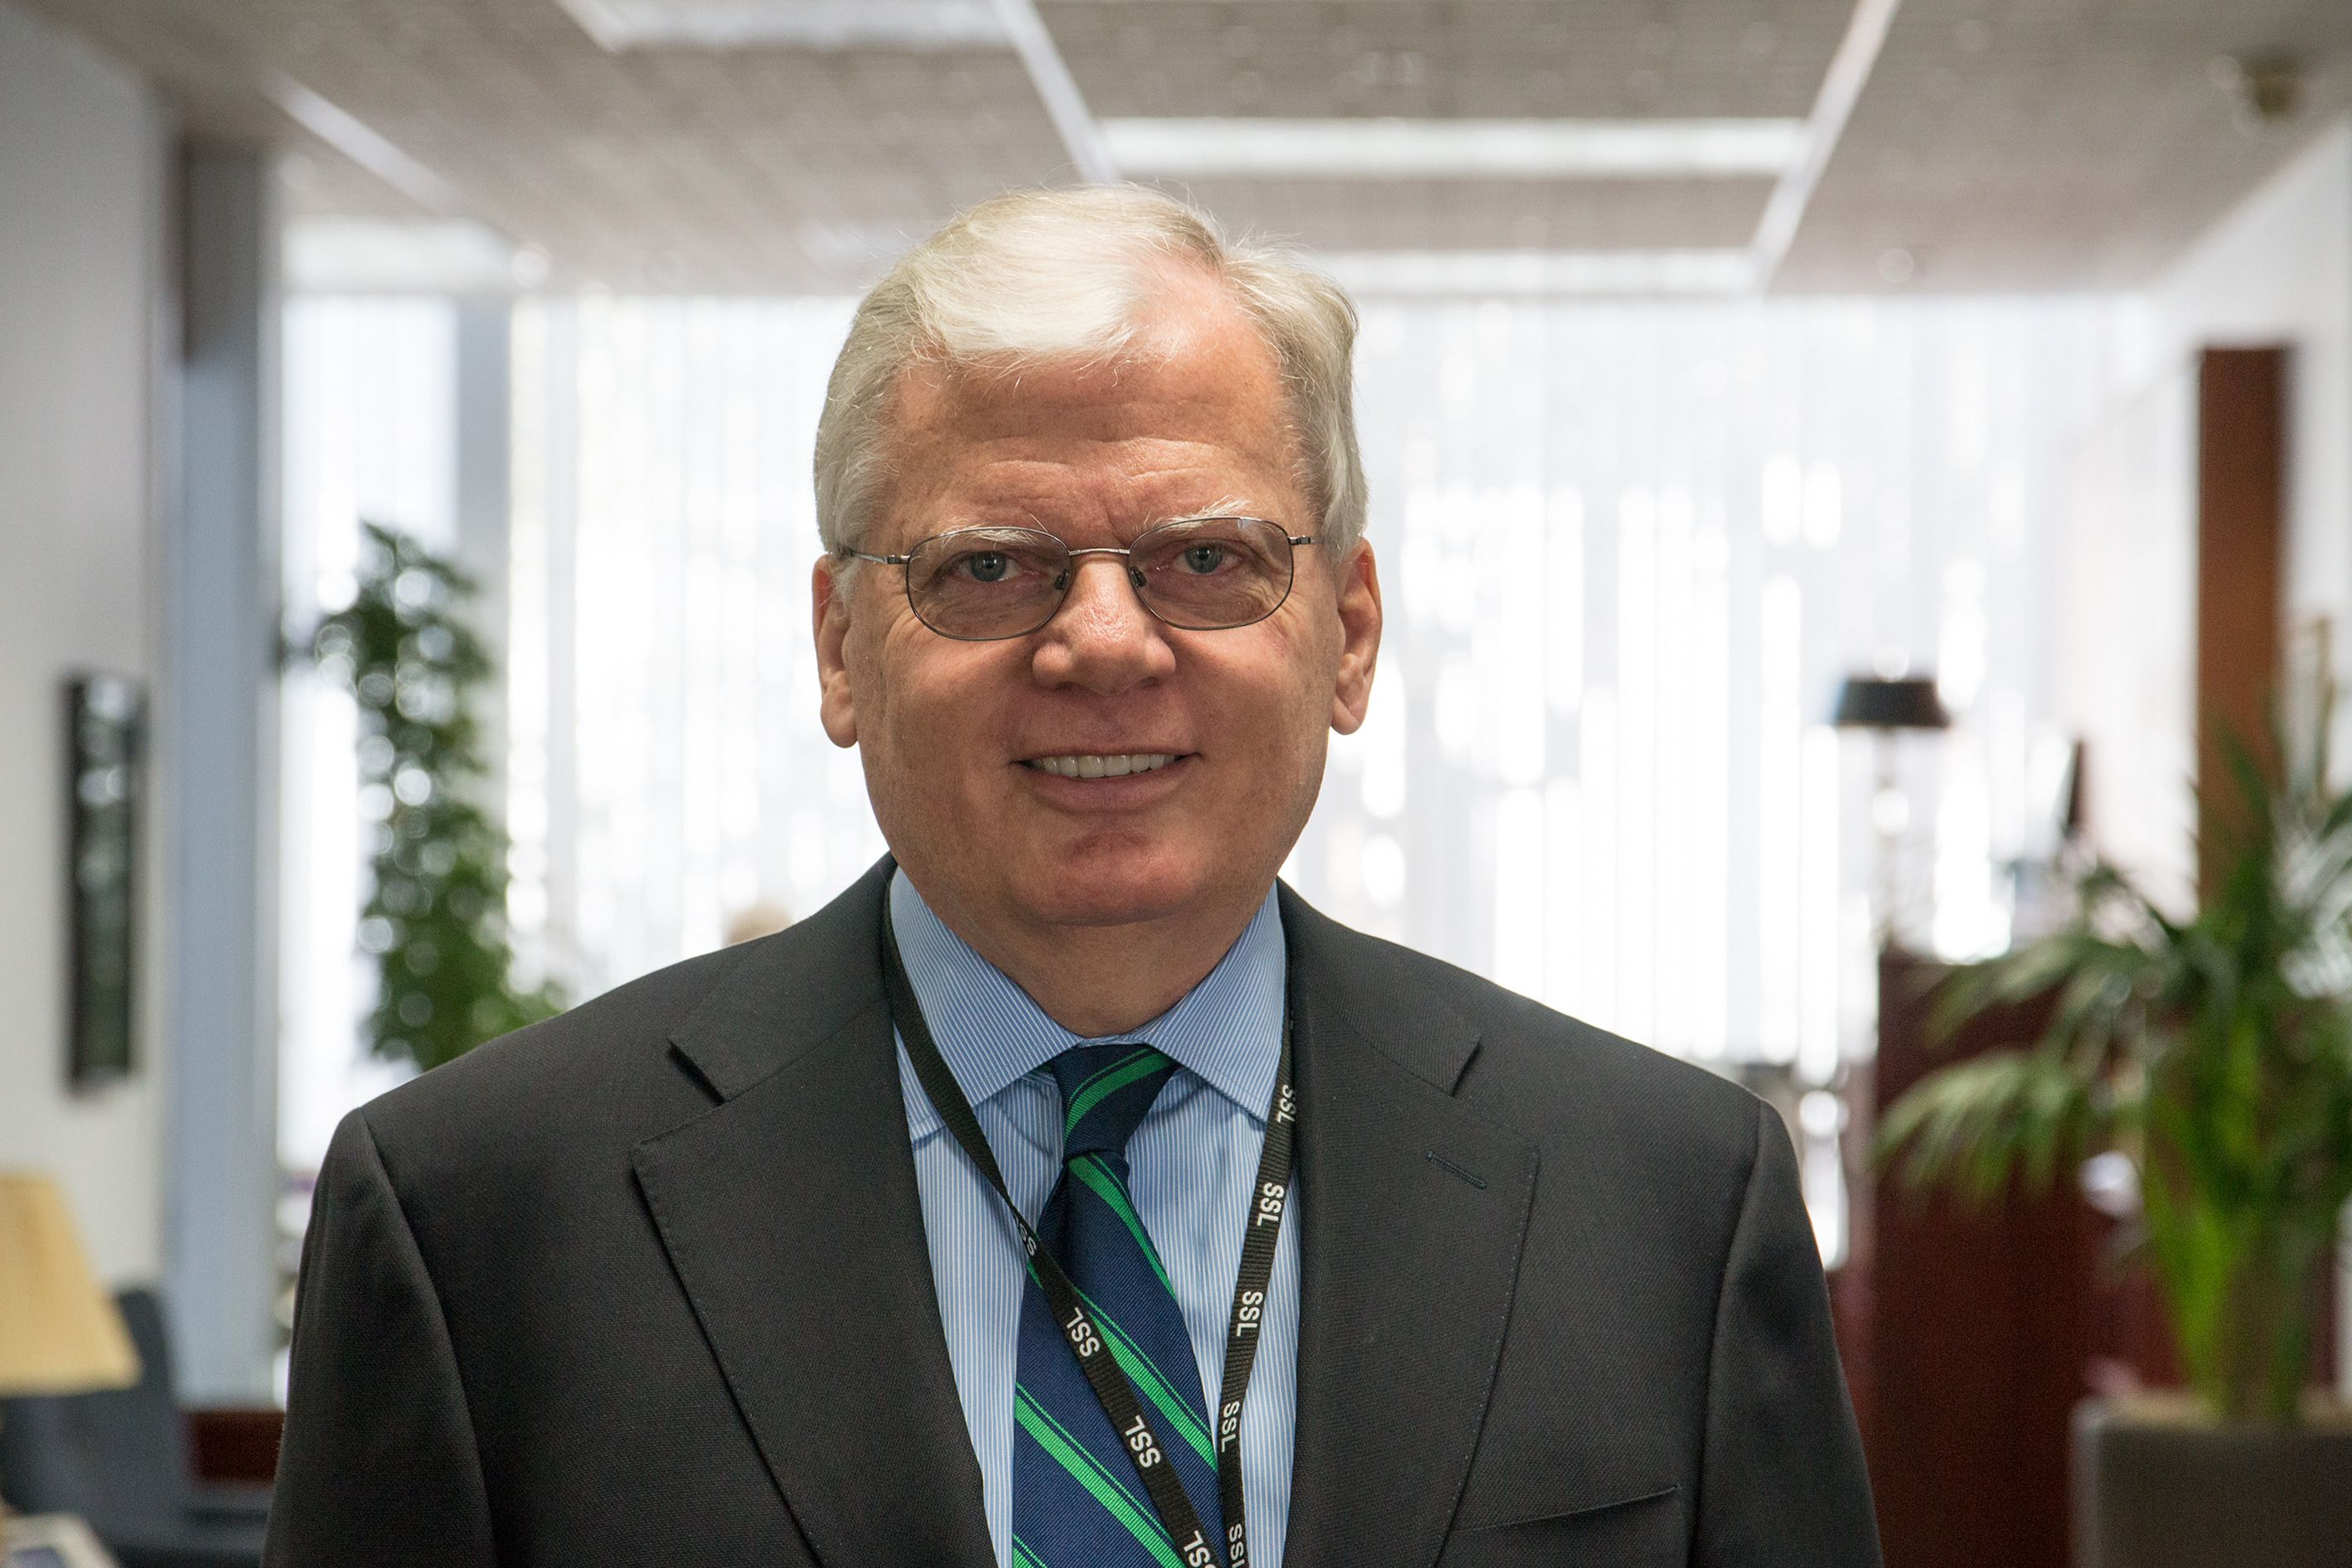 John Celli, presidenten i Space Systems Loral. Foto: Jørgen Elton Nilsen, Tek.no